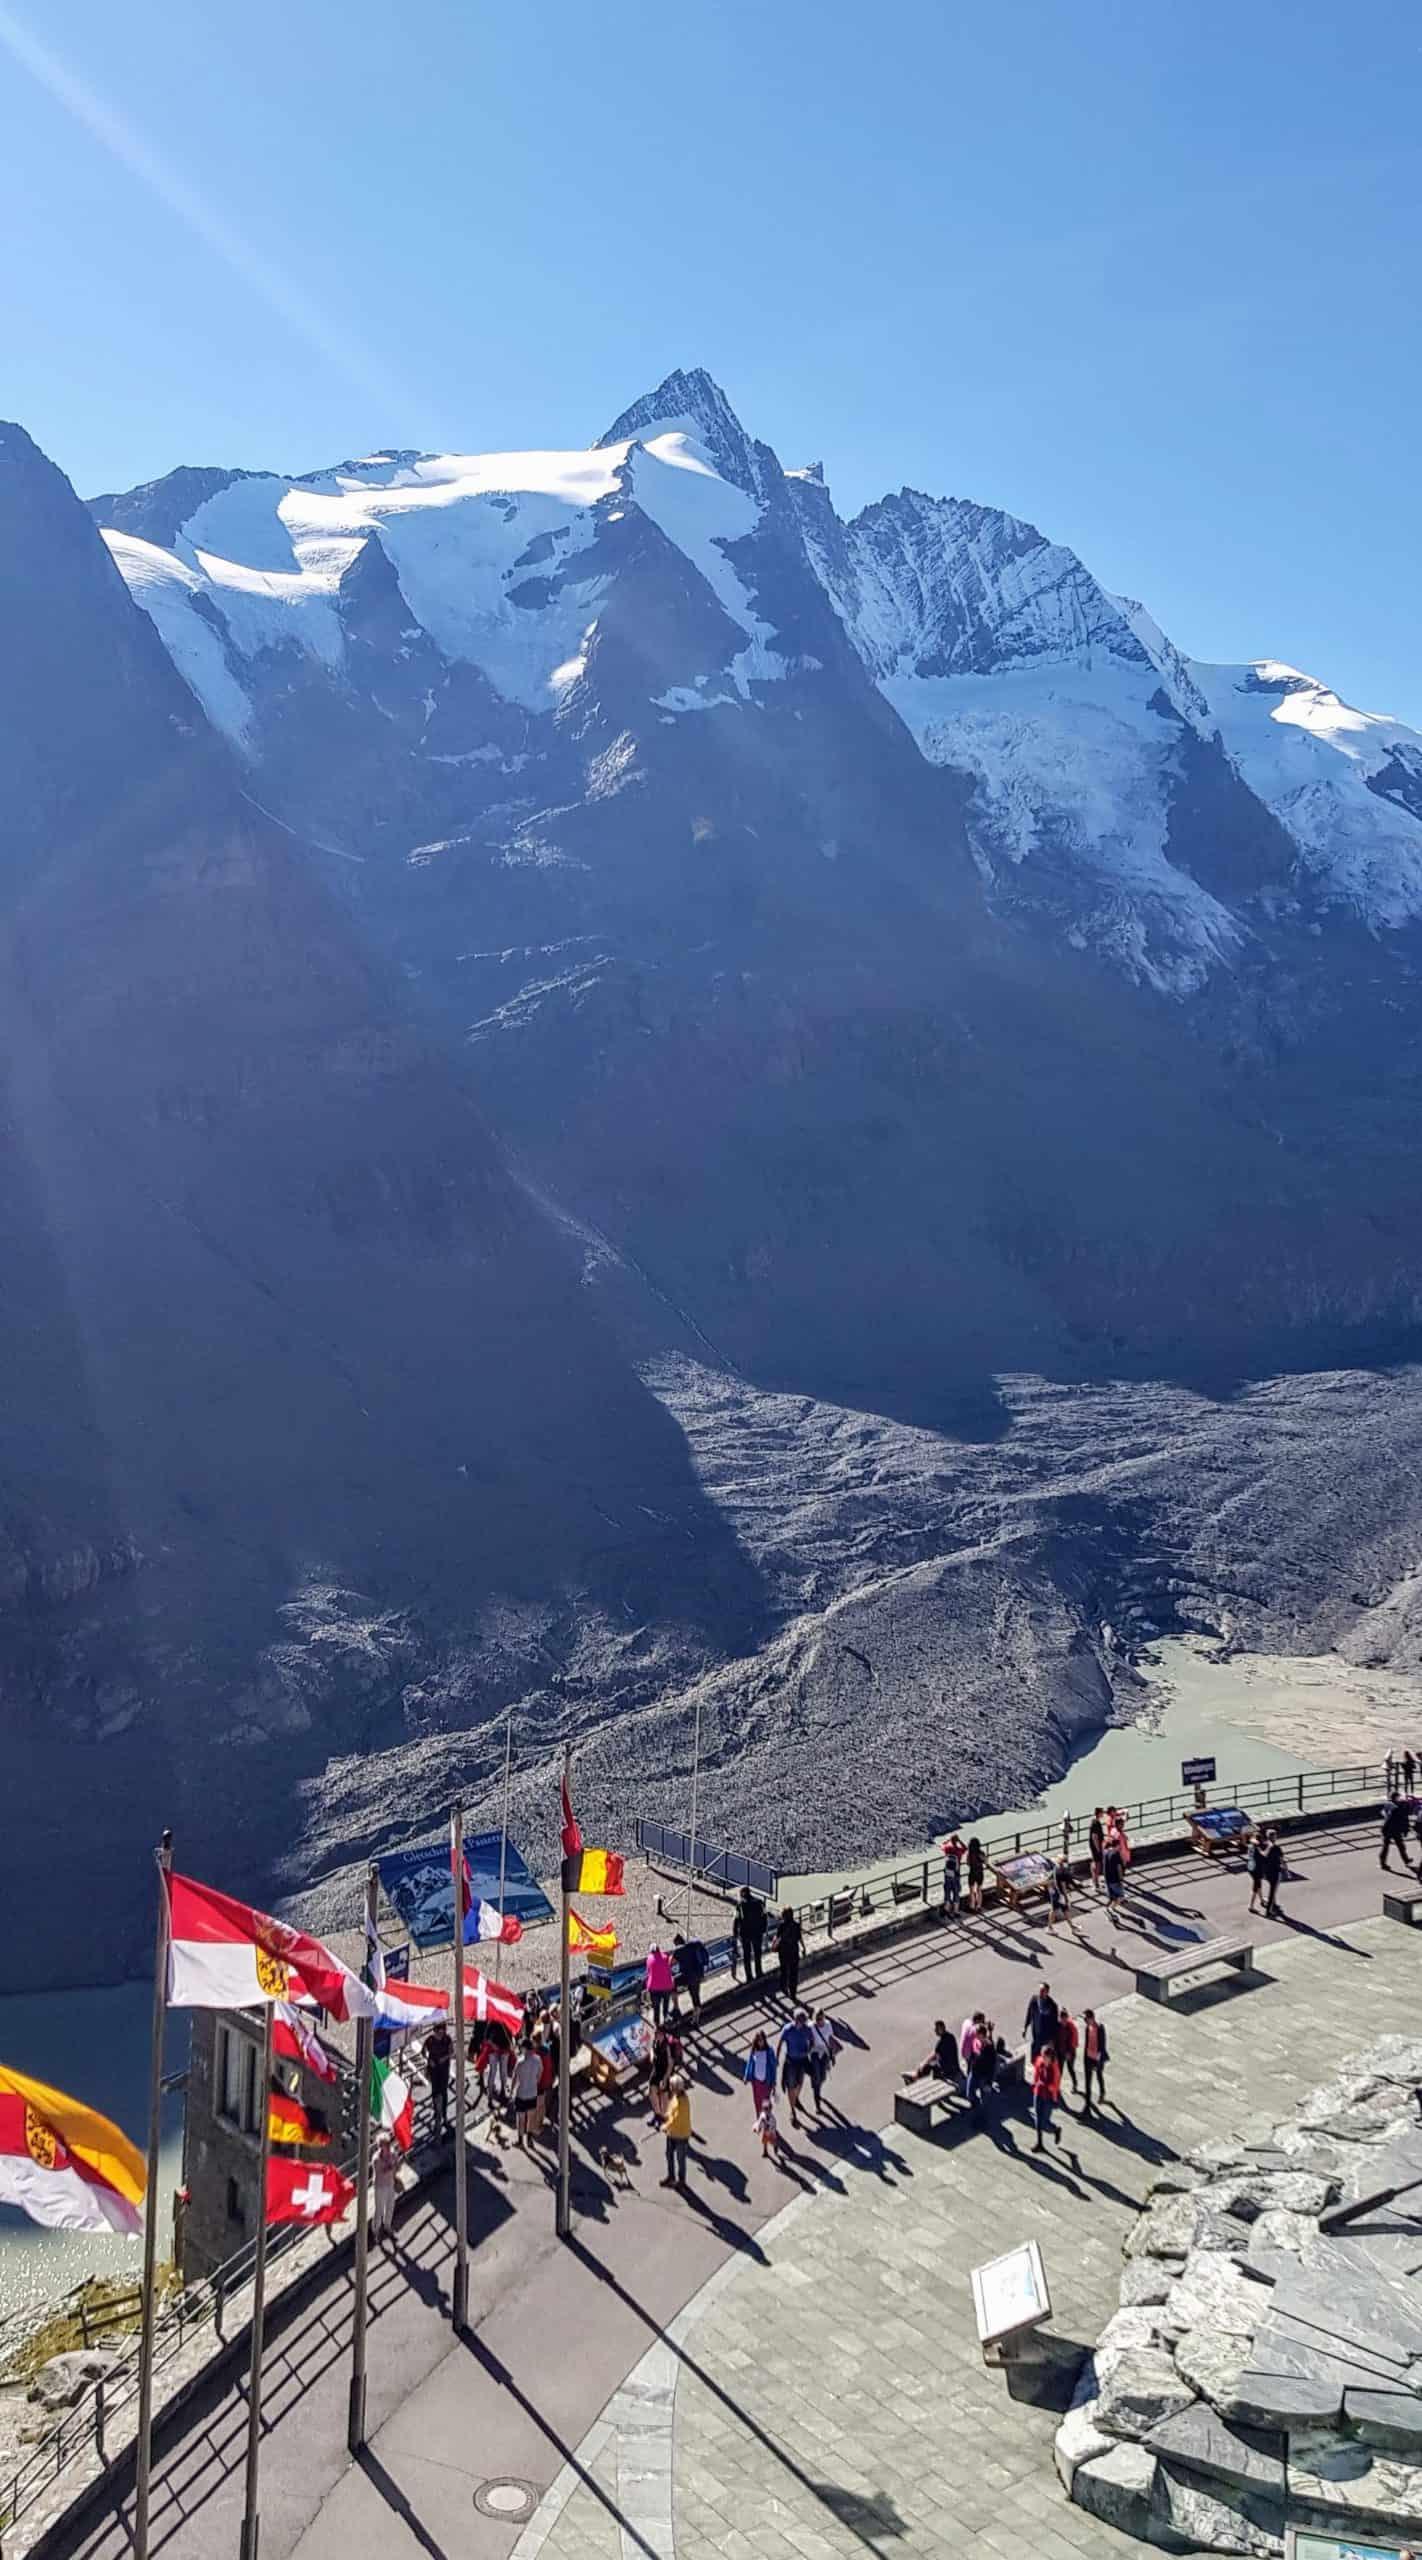 Großglockner und Gletschersee bei Kaiser Franz Josefs Höhe in Kärnten. Höchster Berg & Ausflugsziel in Österreich.